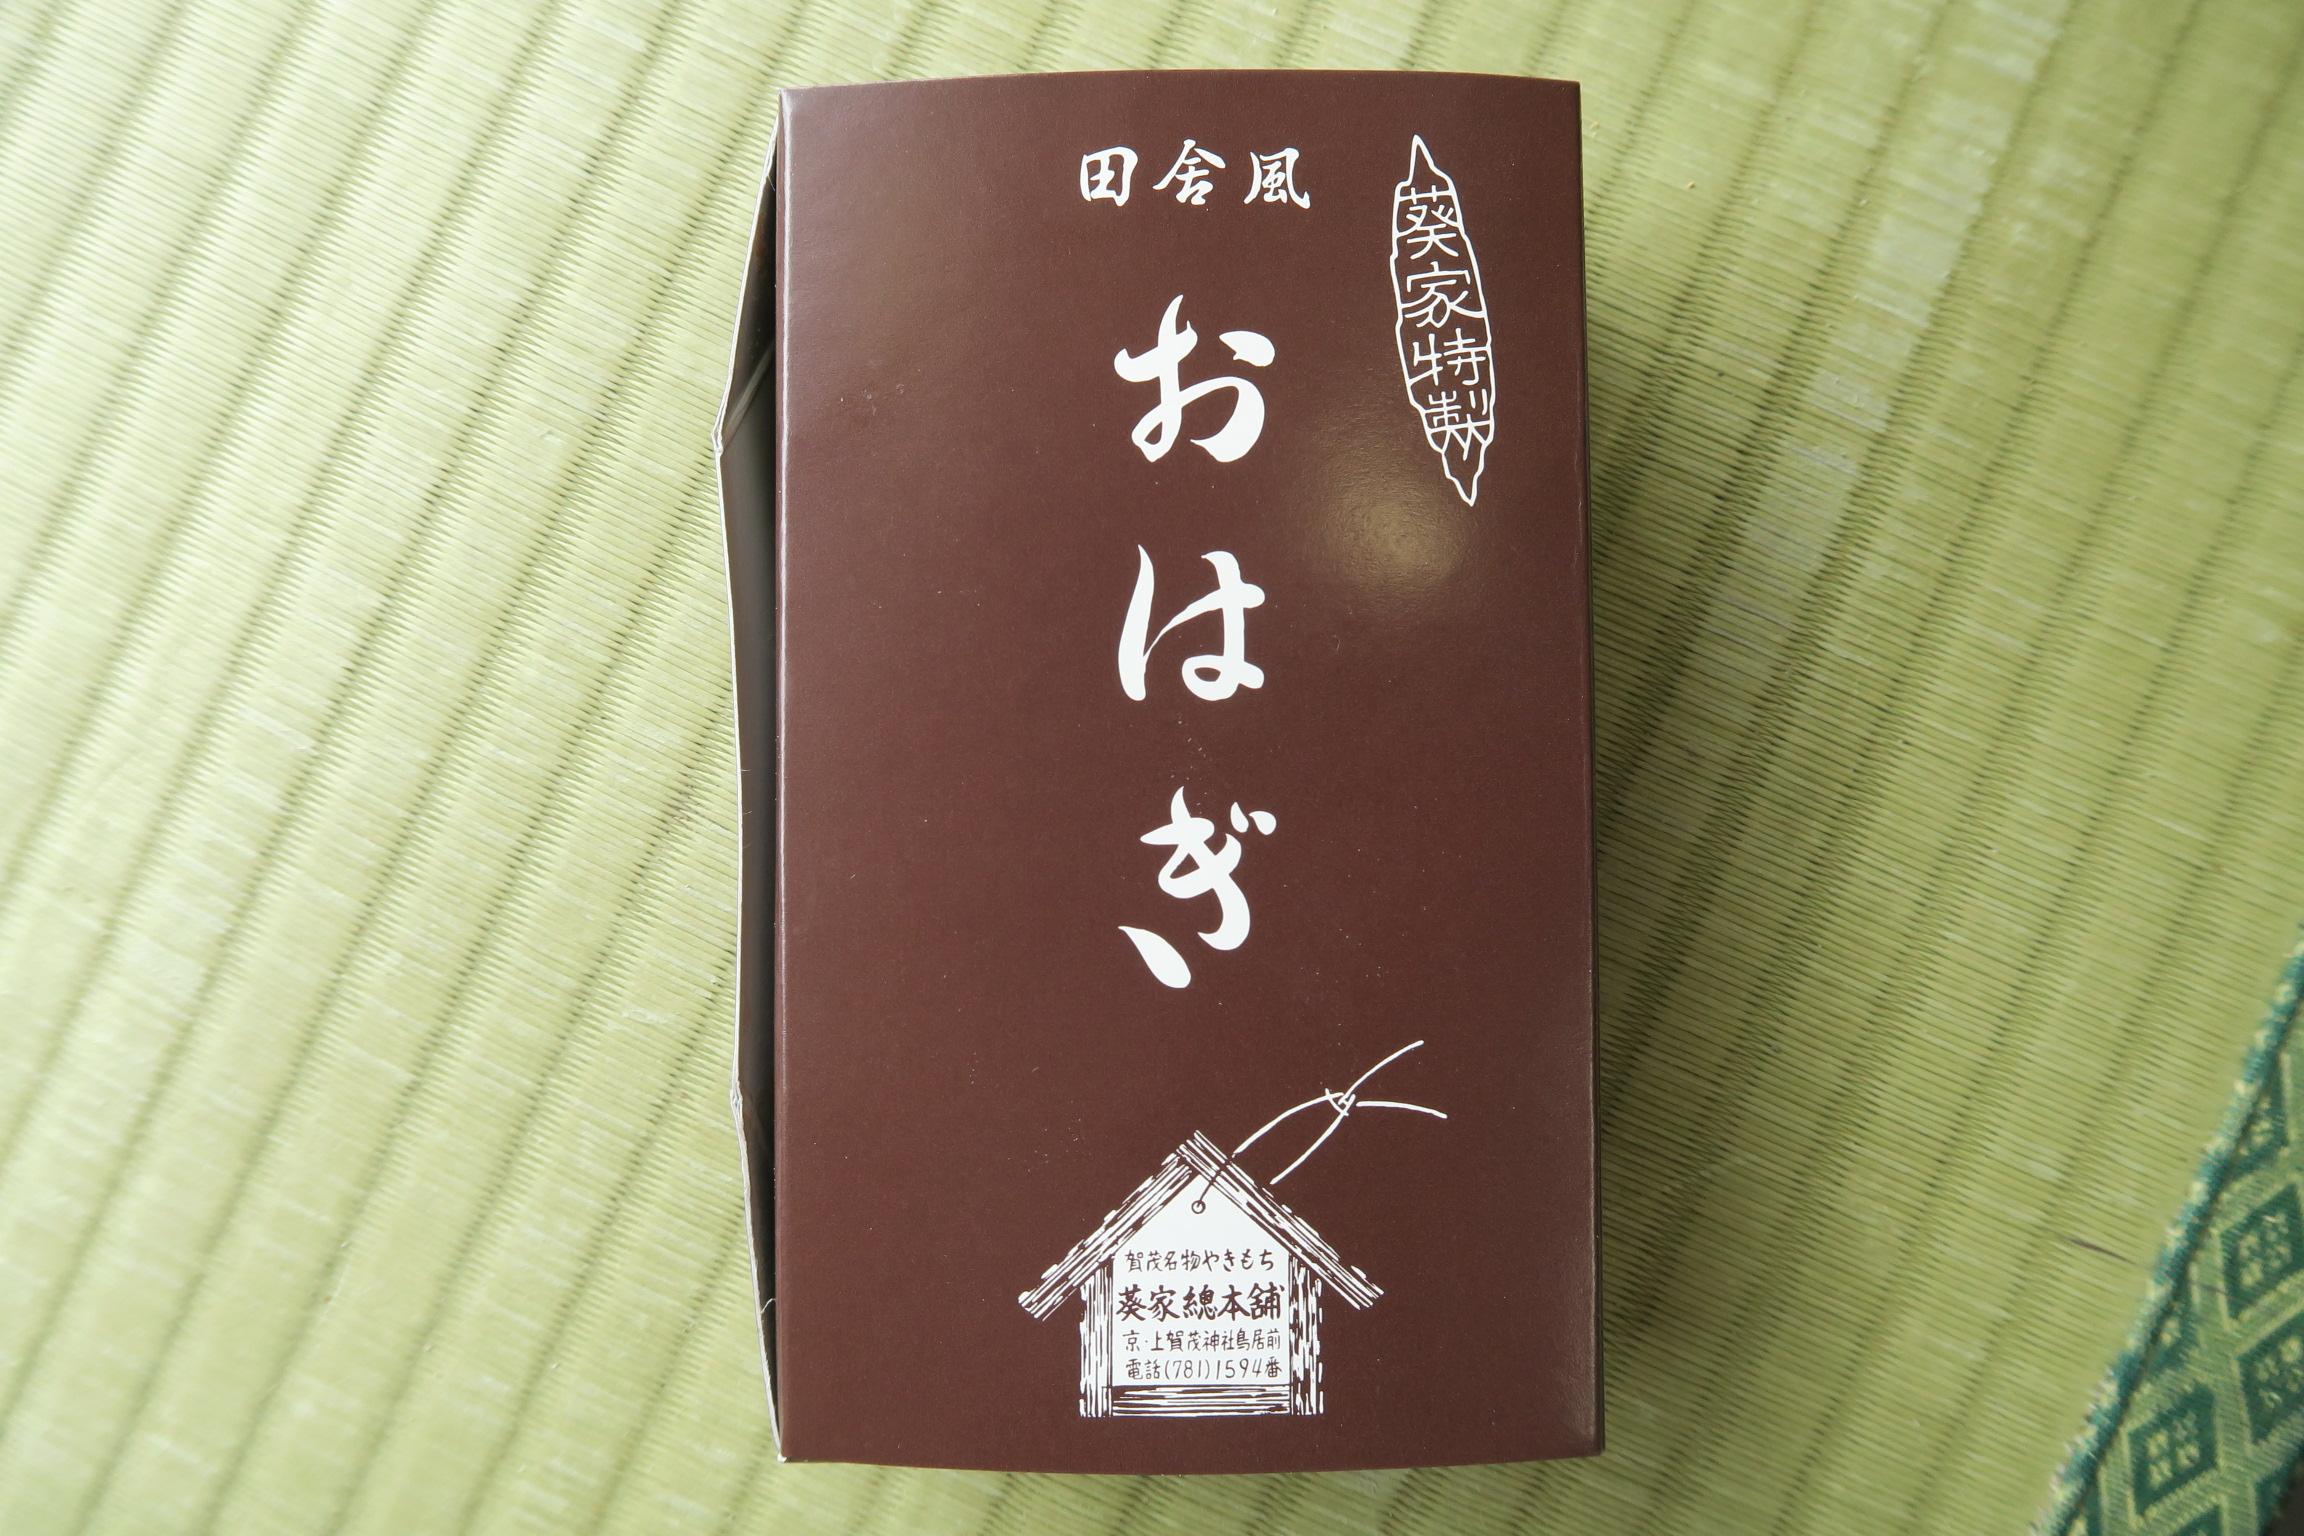 上賀茂神社を出たところにある「葵家総本舗」に売っていたおはぎを食べてみました。やきもちが有名なお店。